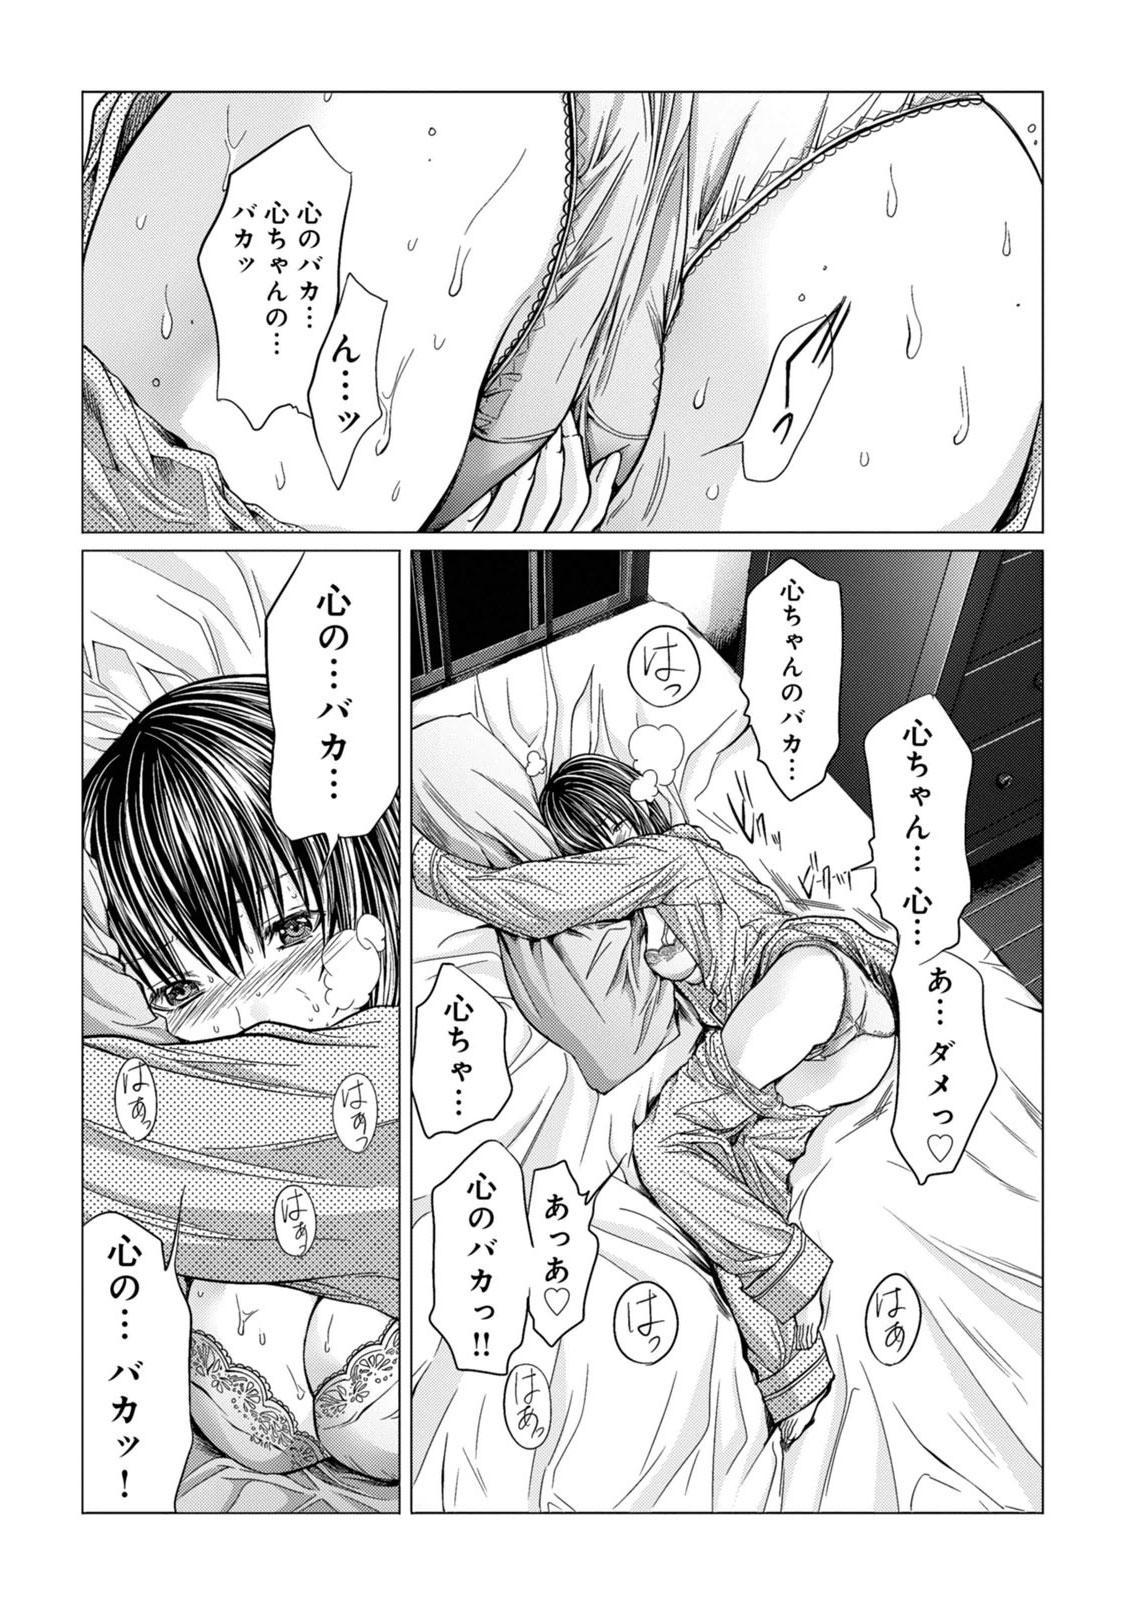 [Miyazaki Maya] Holy Knight ~Junketsu to Ai no Hazama de~ Vol. 1 38